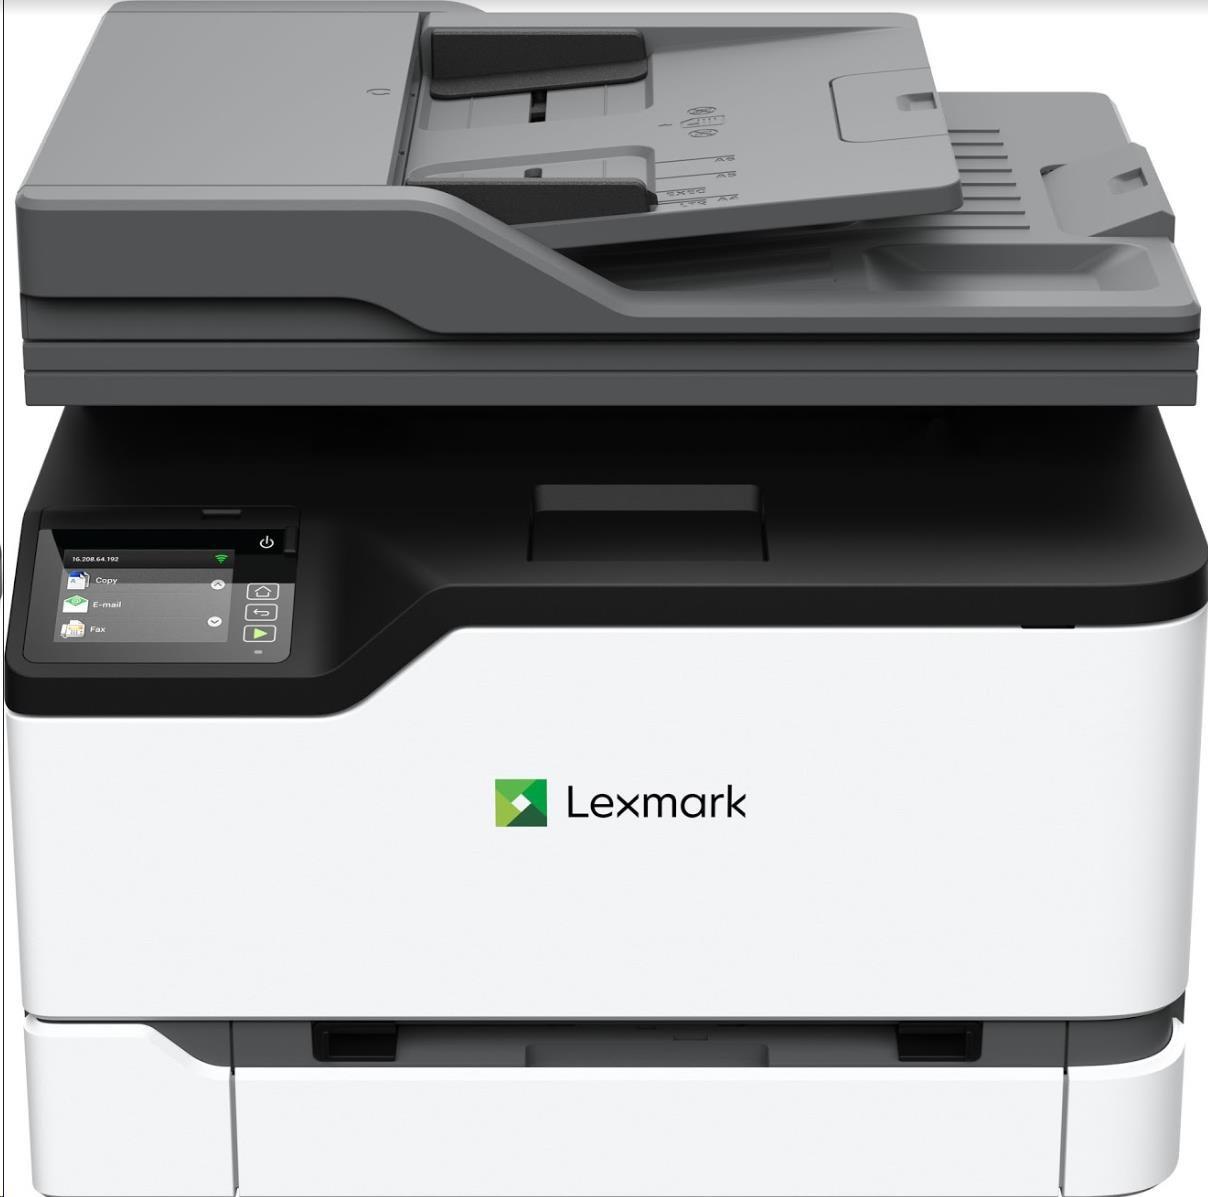 LEXMARK Multifunkční barevná tiskárna MC3224adwe 4letá záruka!